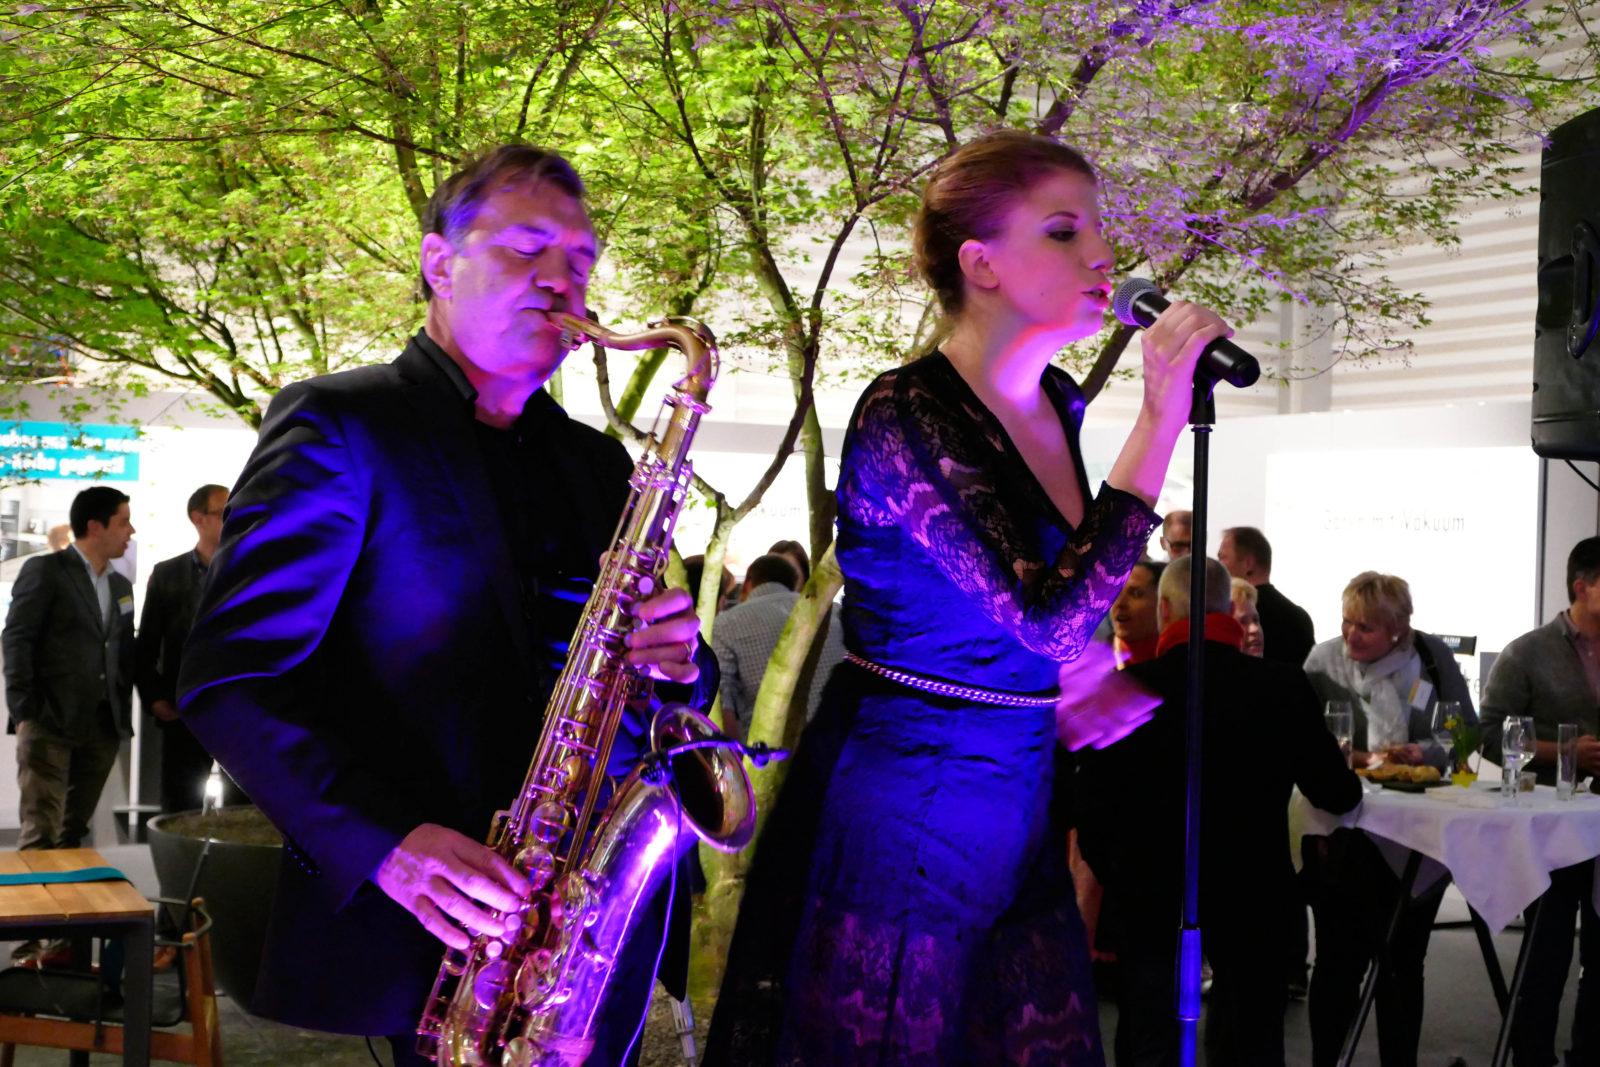 Messe Show Saengerin und Saxofonist 2